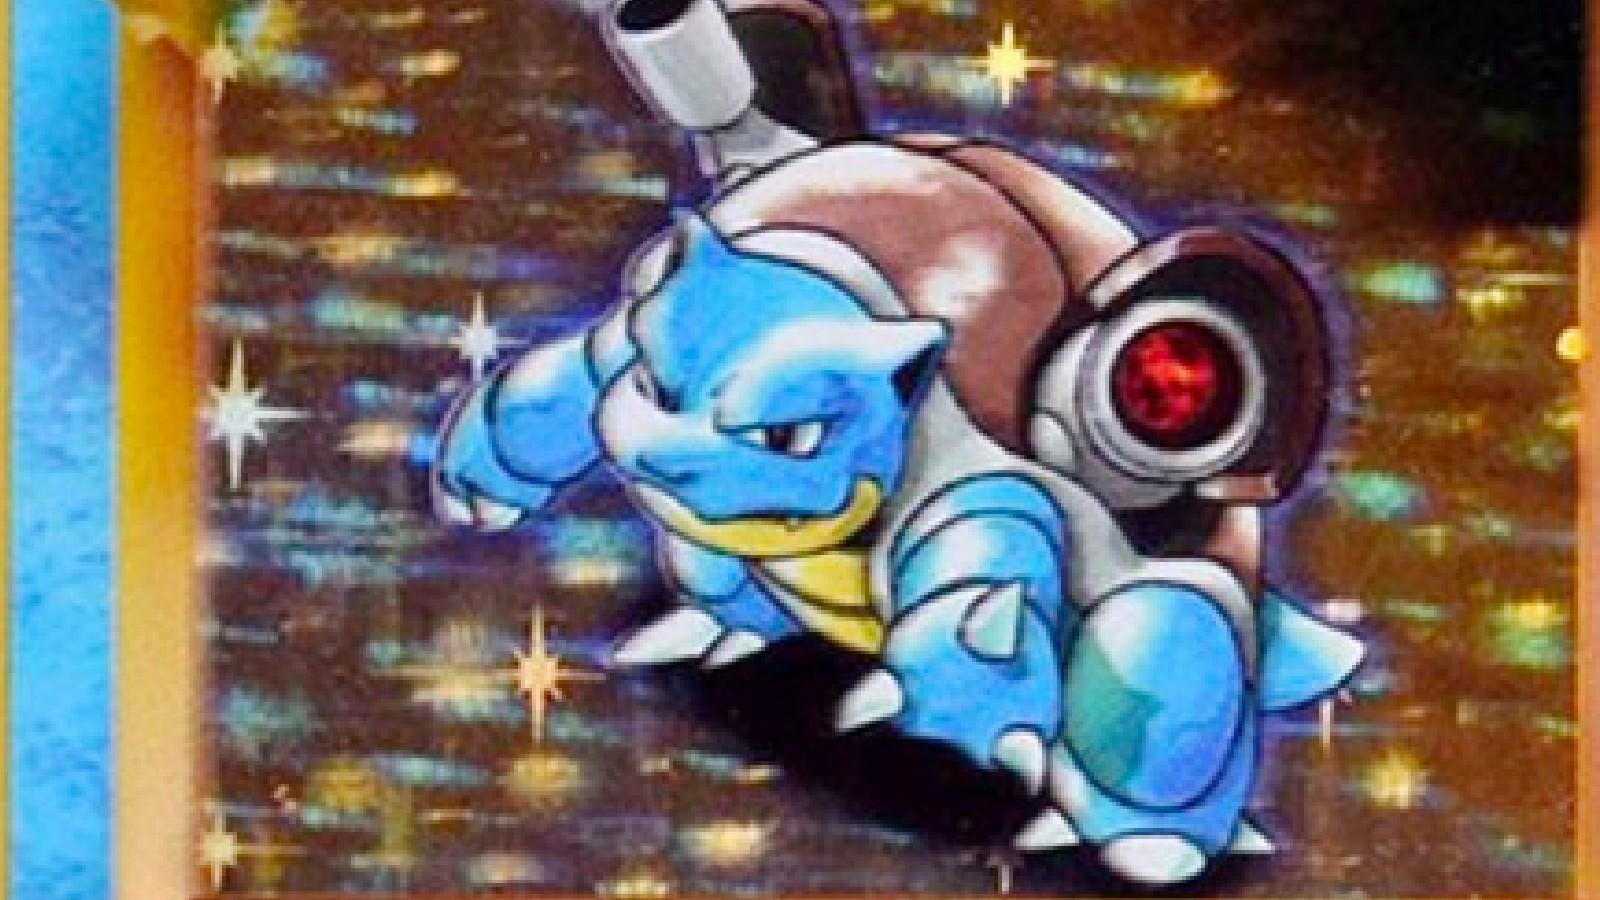 Blastoise Featured Image